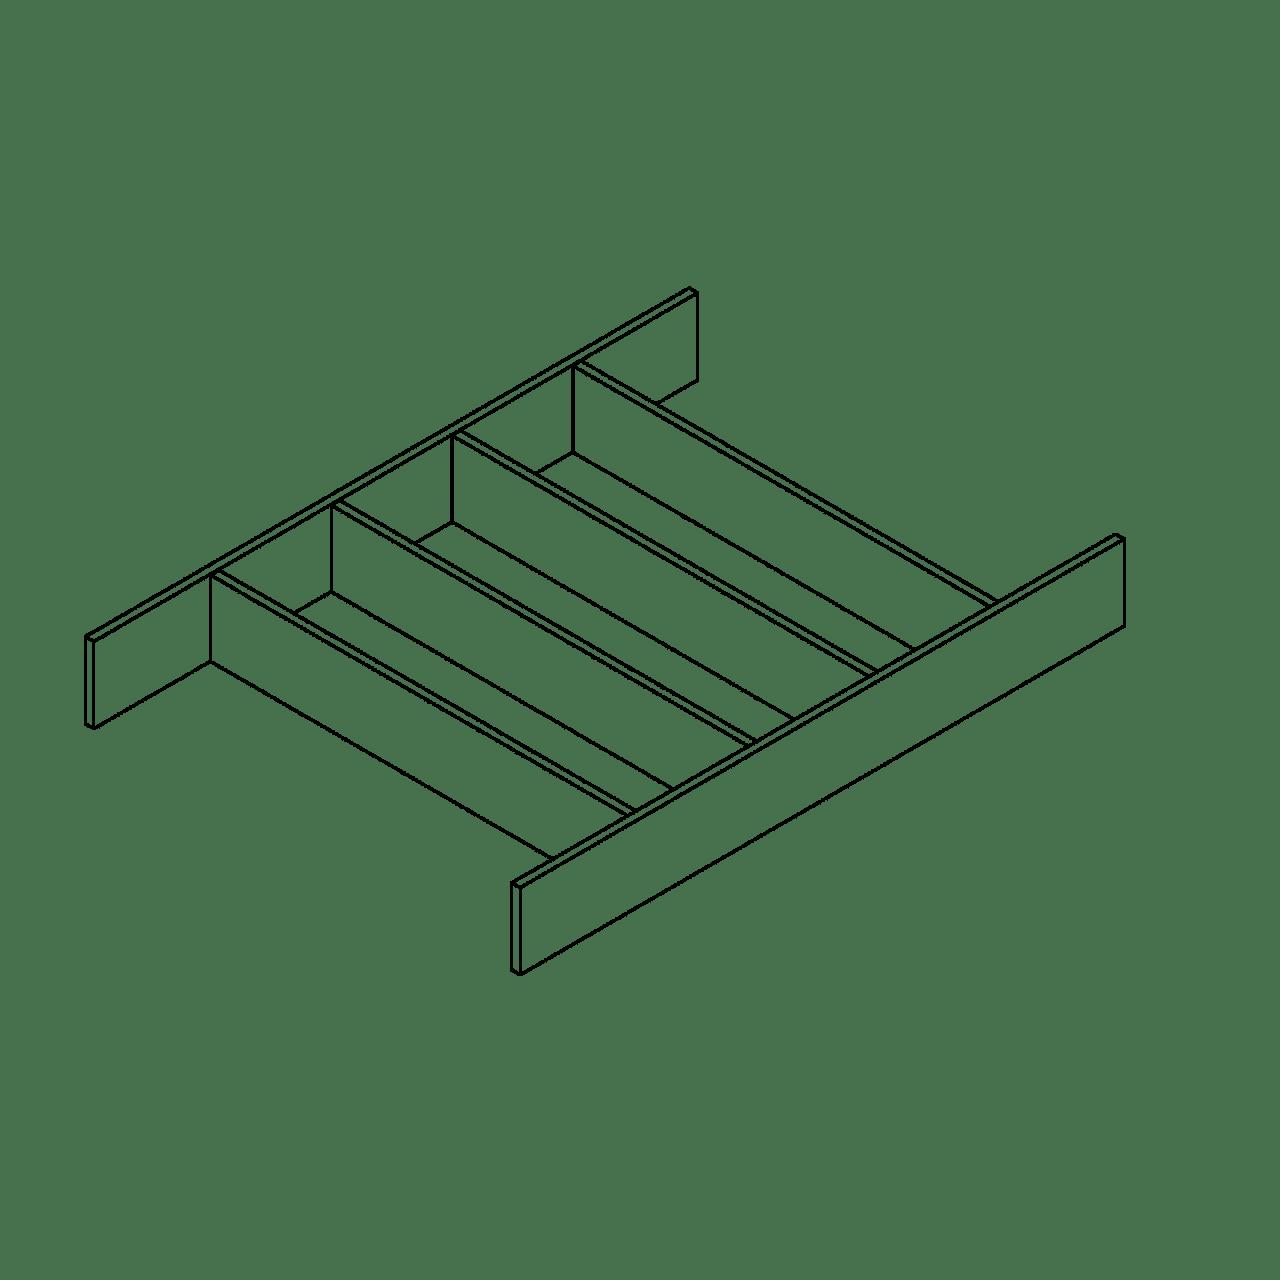 Besteckeinsatz für Systemtiefe 45 cm